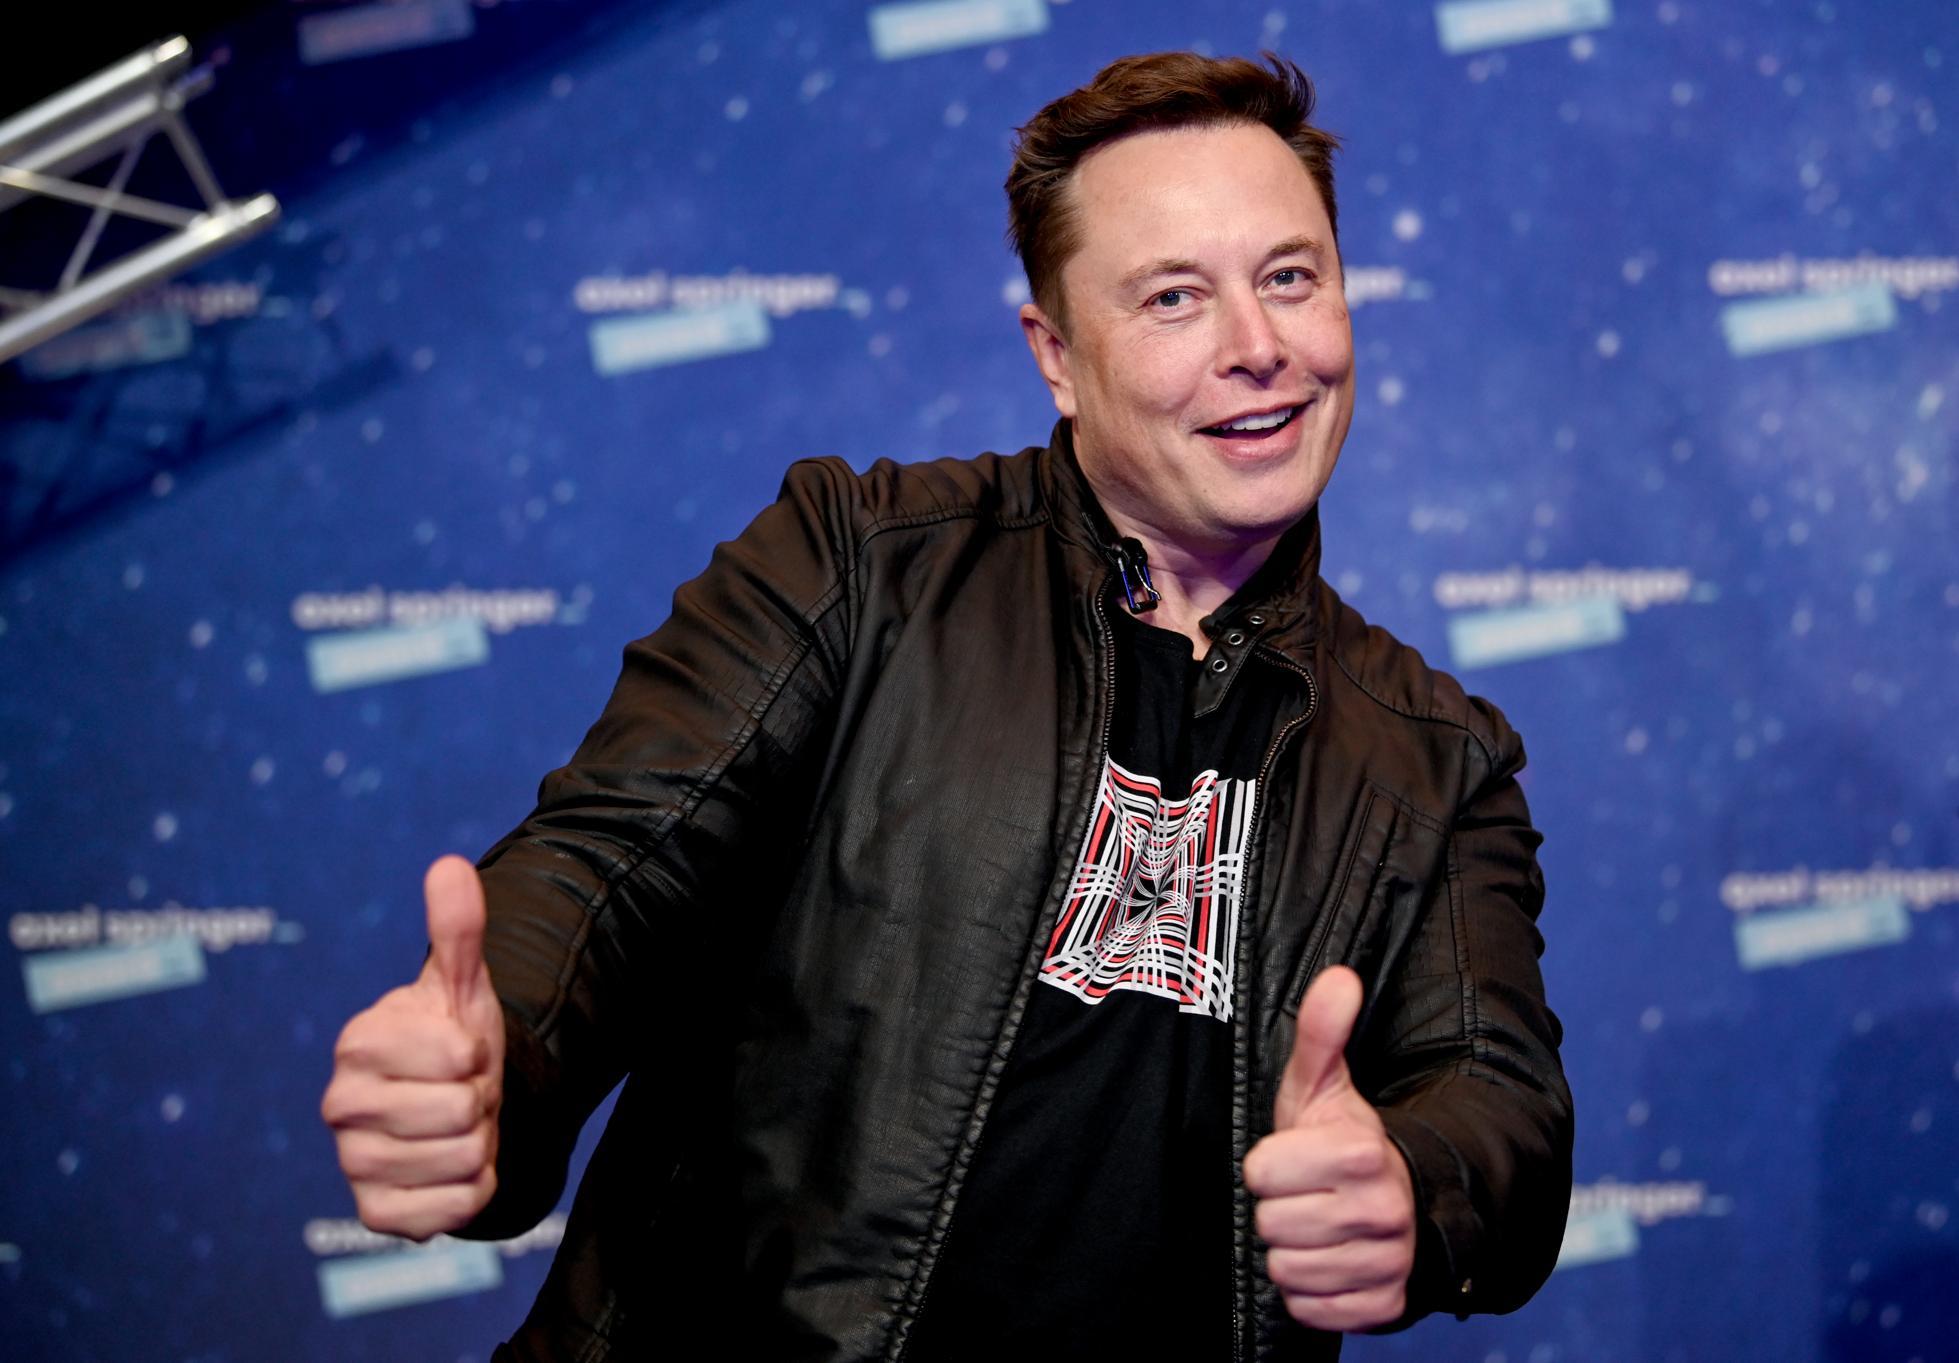 Elon-Musk-Technoking